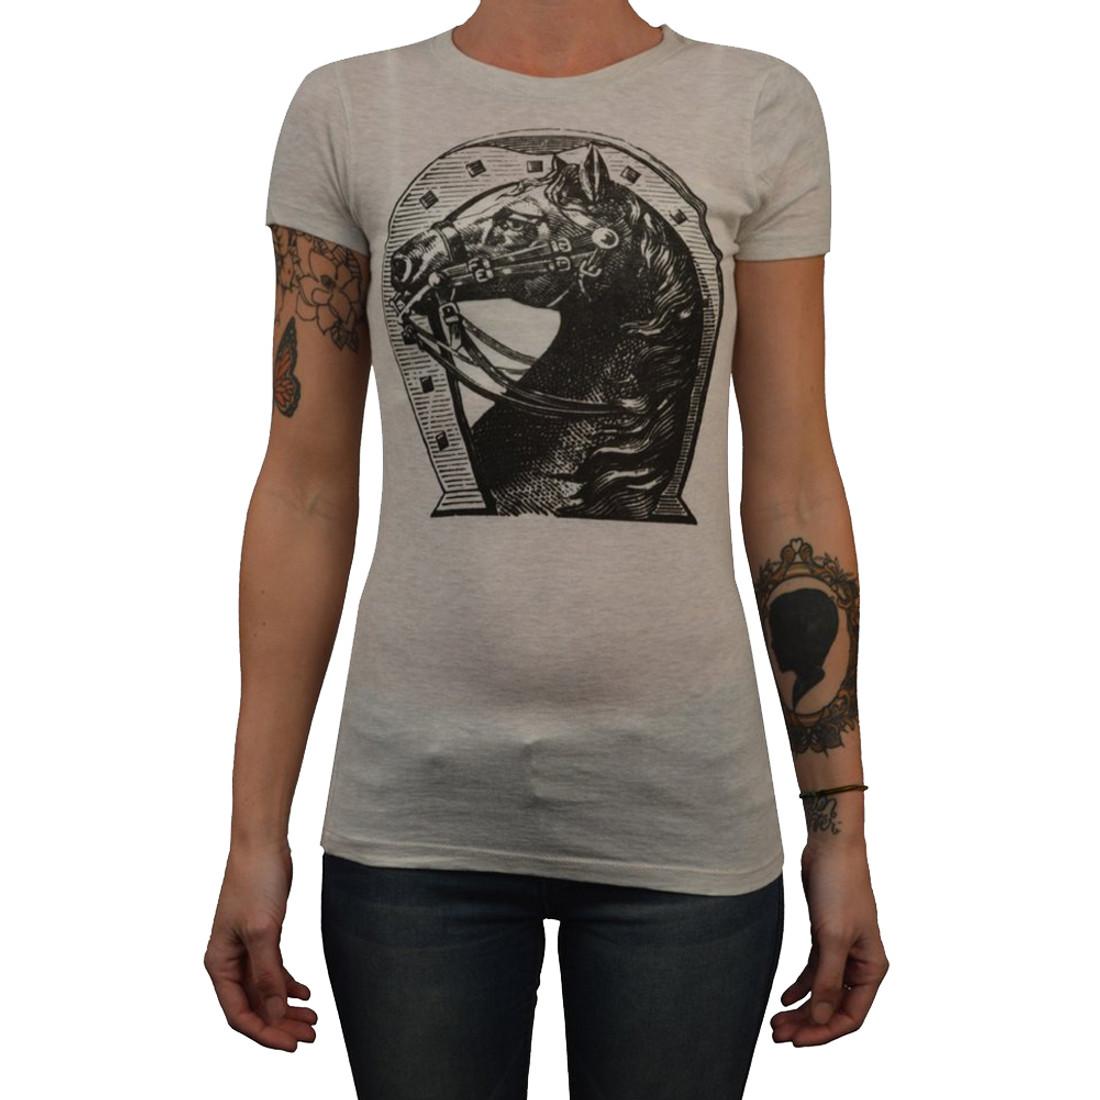 Women's Lady Luck Tee Shirt